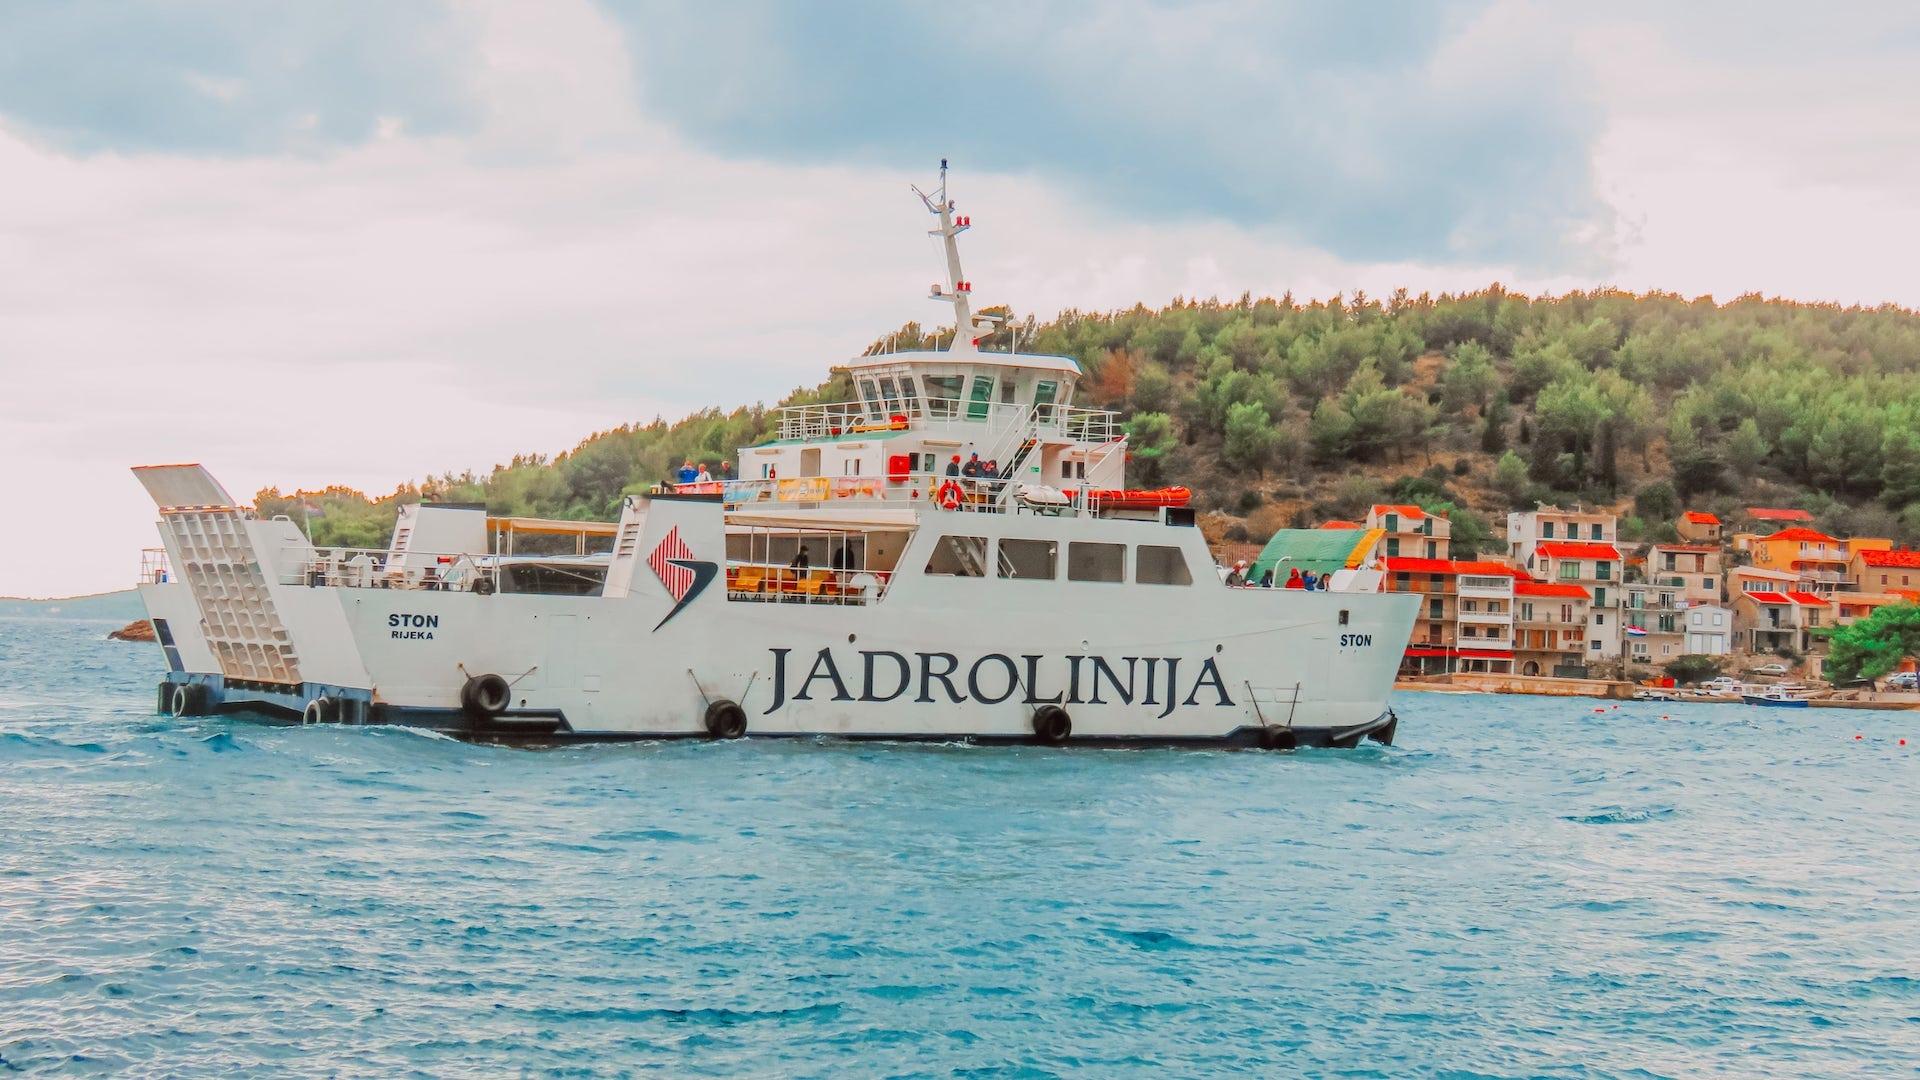 como chegar em Hvar saindo de Dubrovnik na Croácia